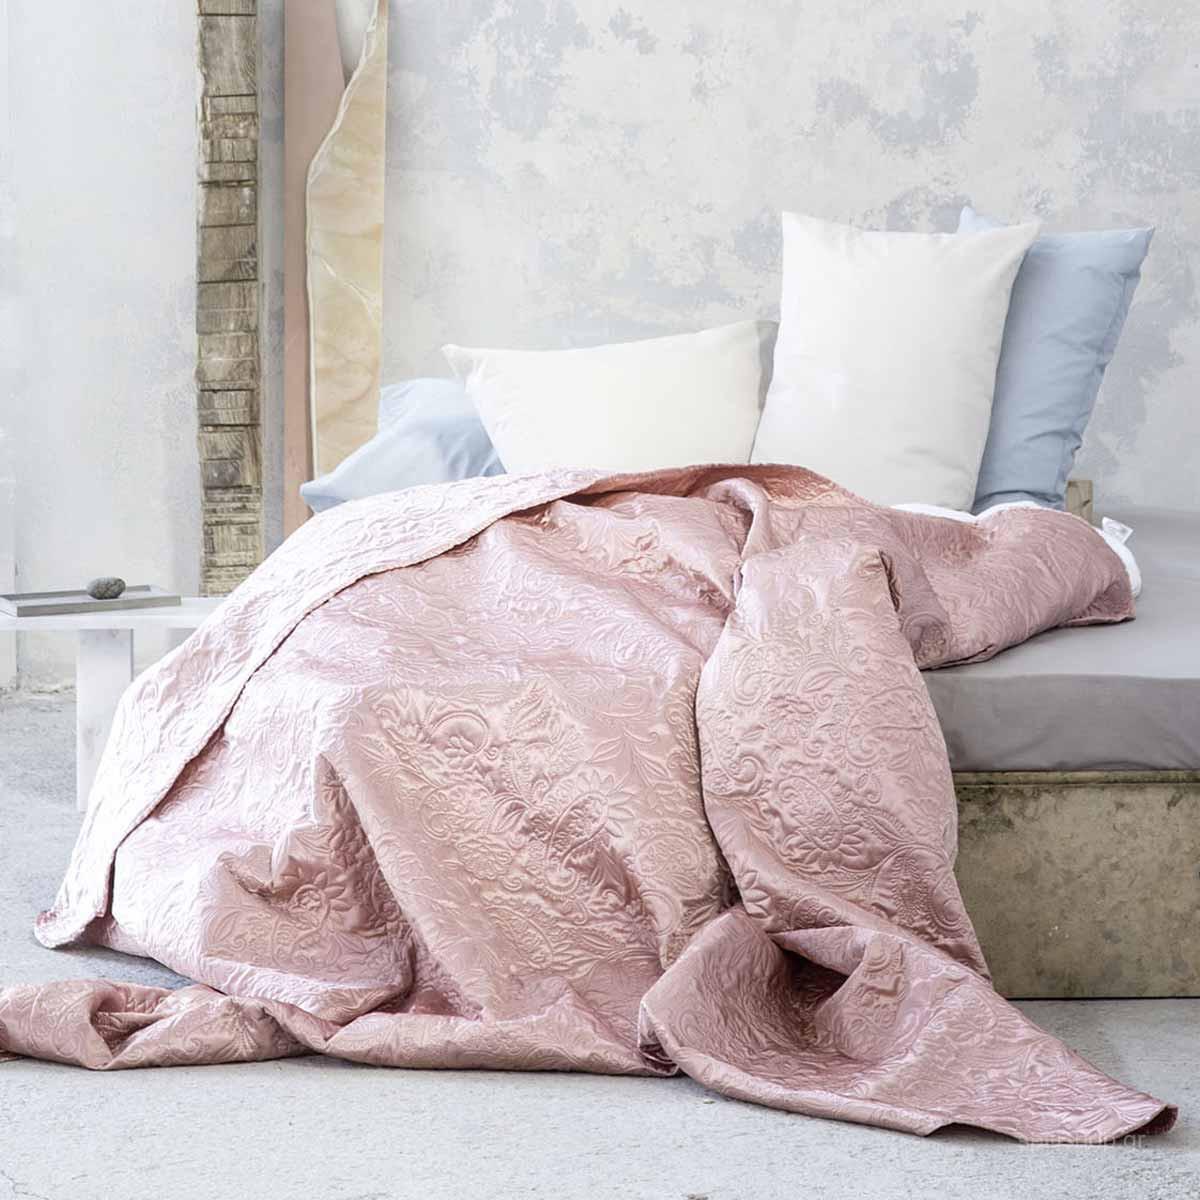 Κουβερλί Υπέρδιπλο Nima Layers Array home   κρεβατοκάμαρα   κουβερλί   κουβερλί υπέρδιπλα